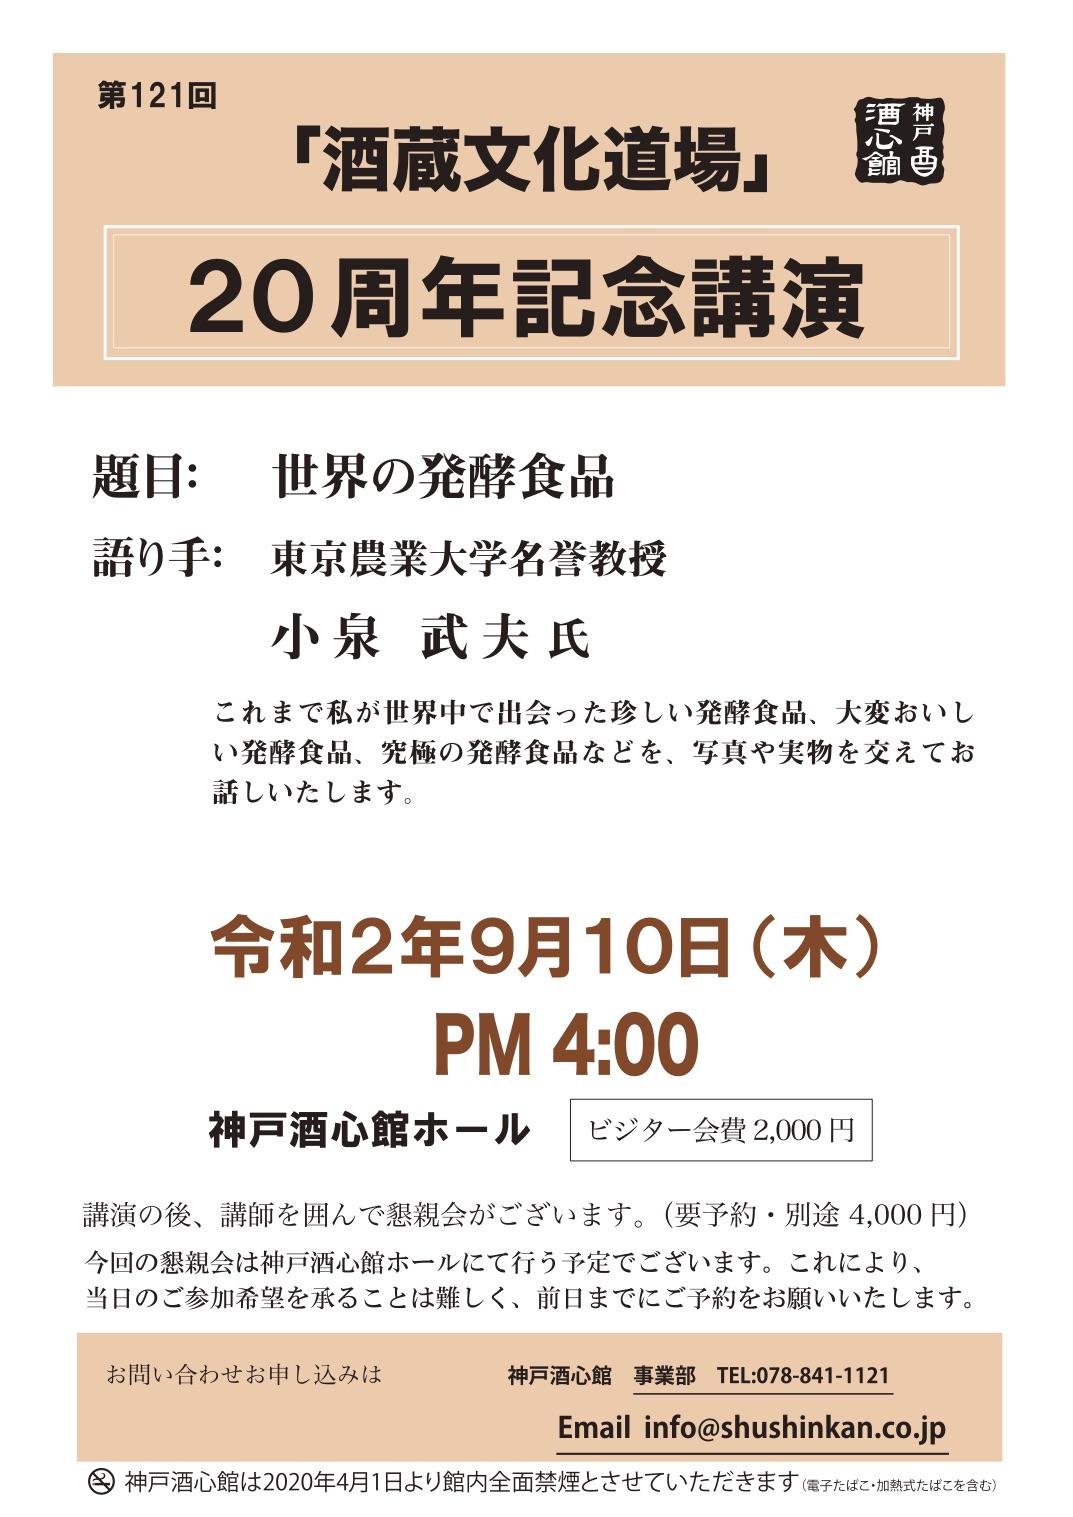 第121回酒蔵文化道場「20周年記念講演 小泉武夫氏を迎えて」